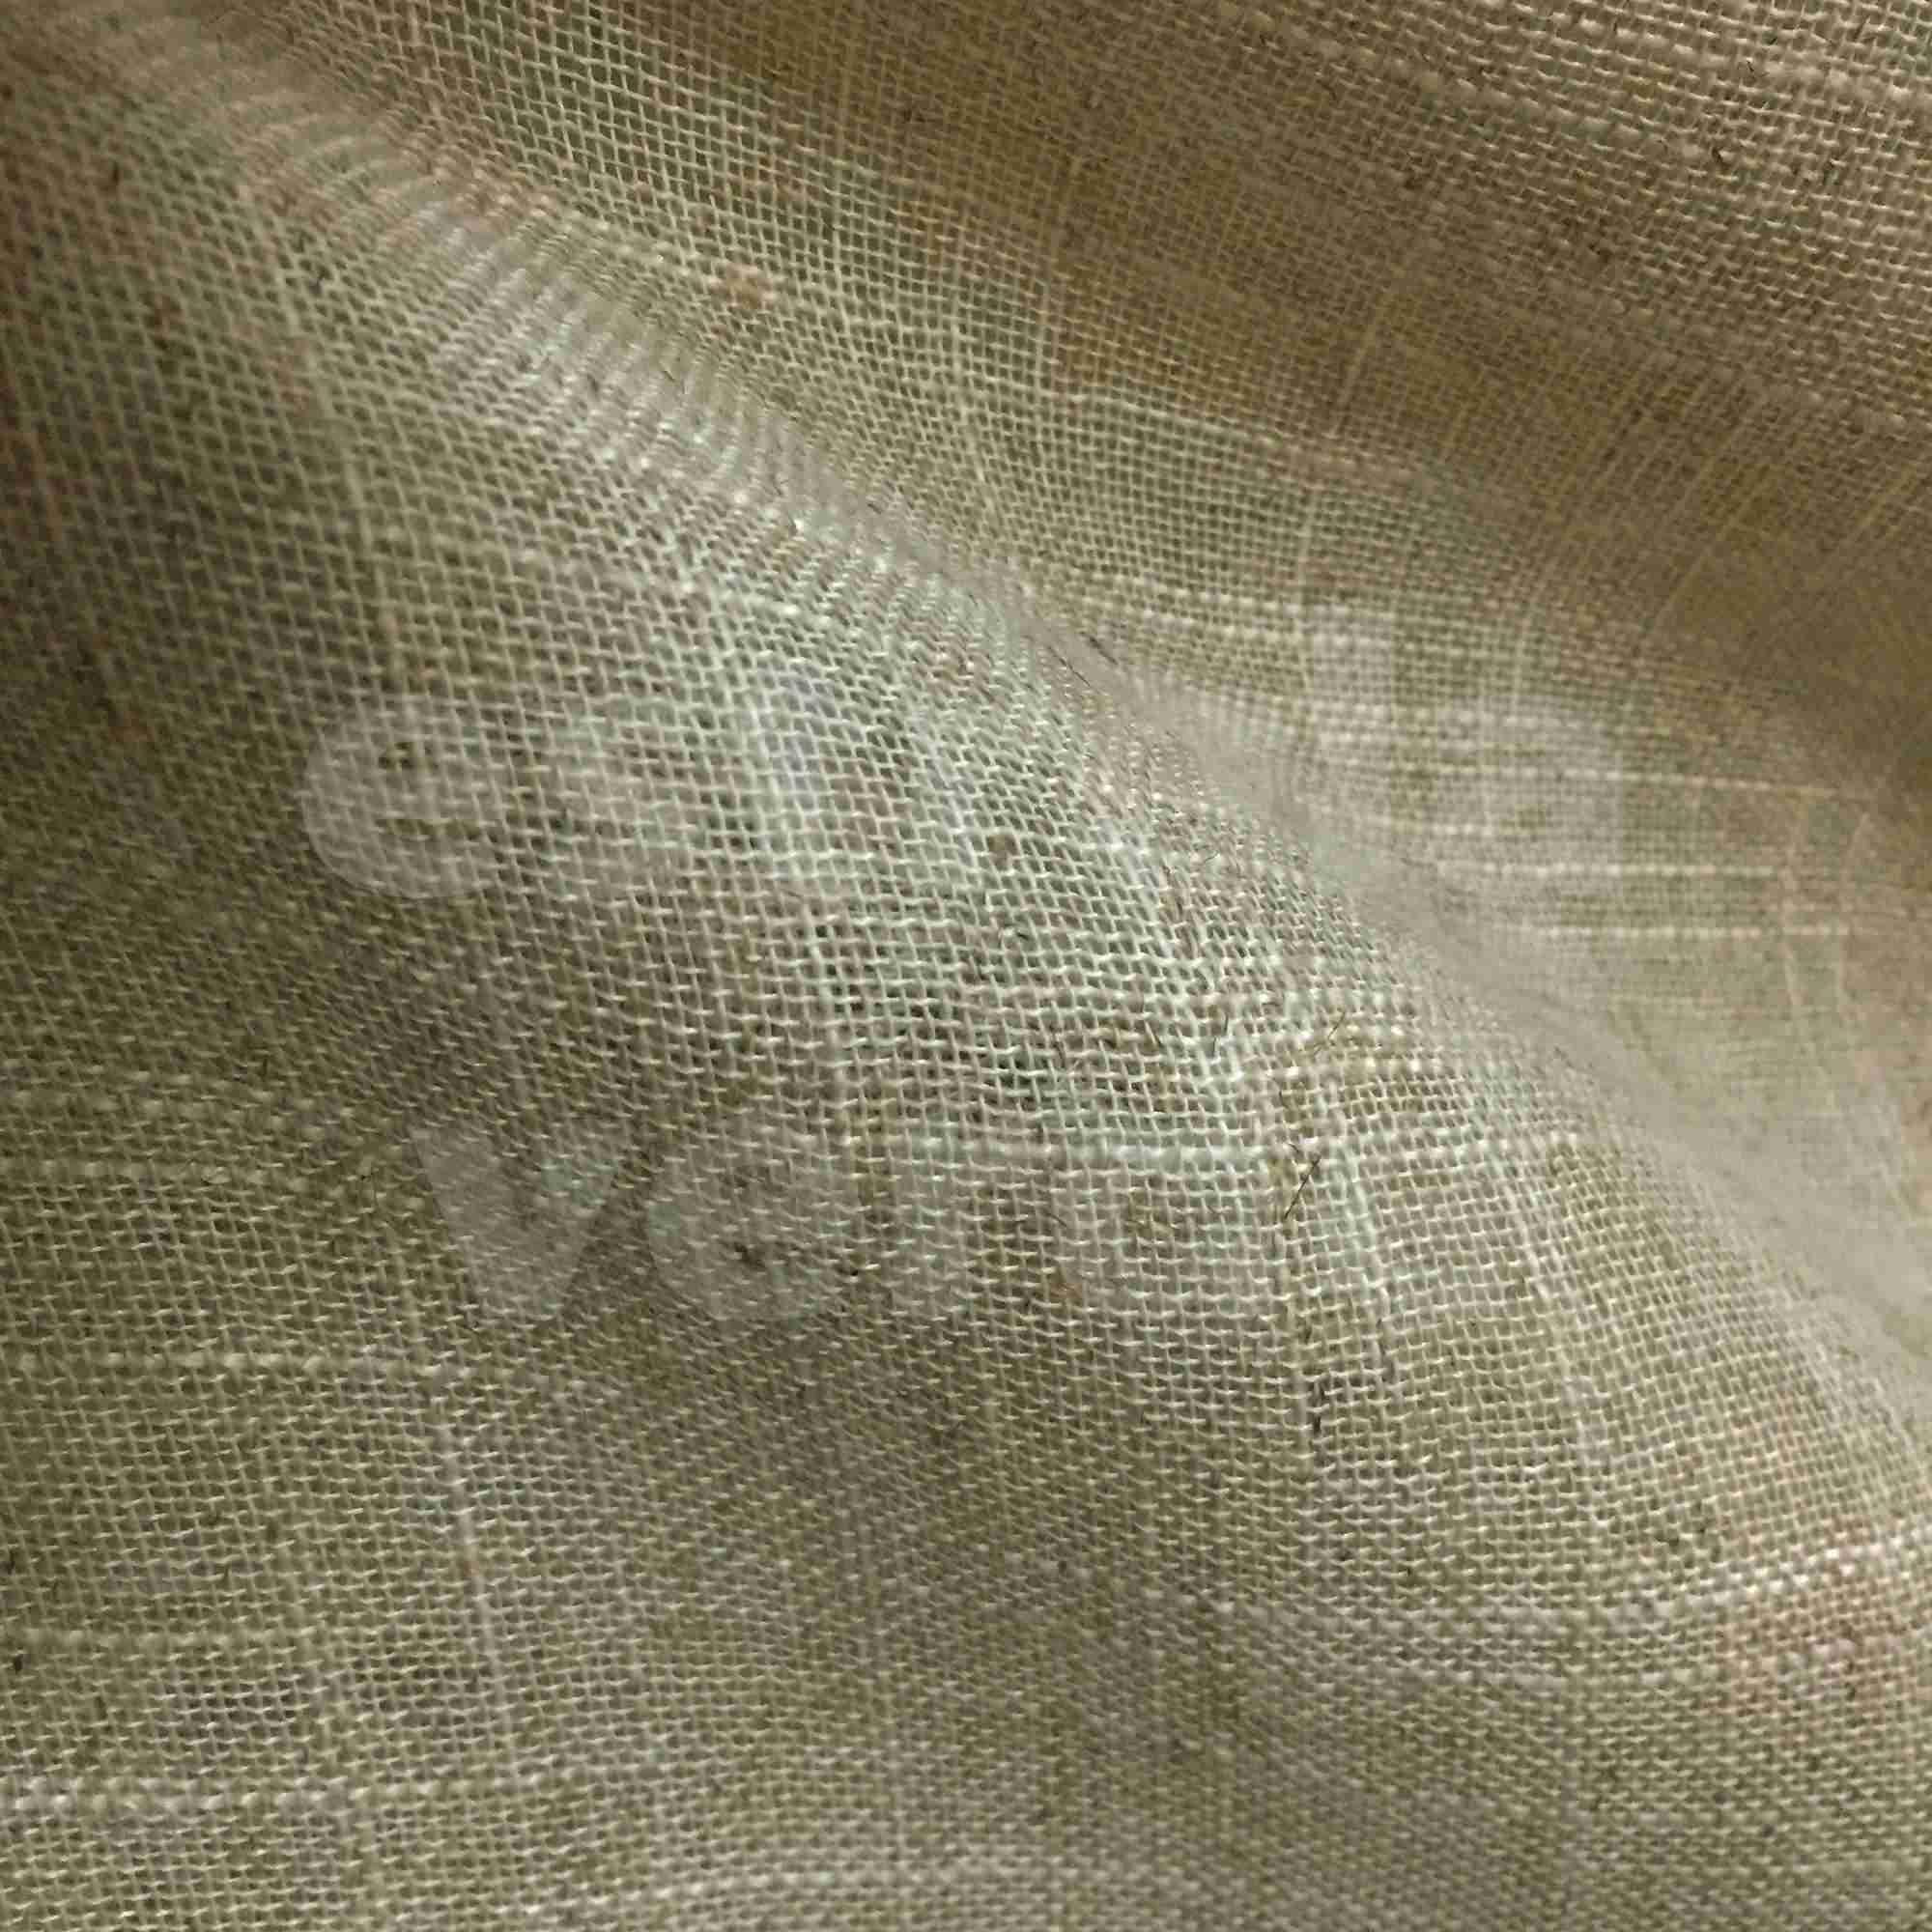 VOIL LINHAO IGUAPE LINHO 3,00 LARG  - Estrela Verde